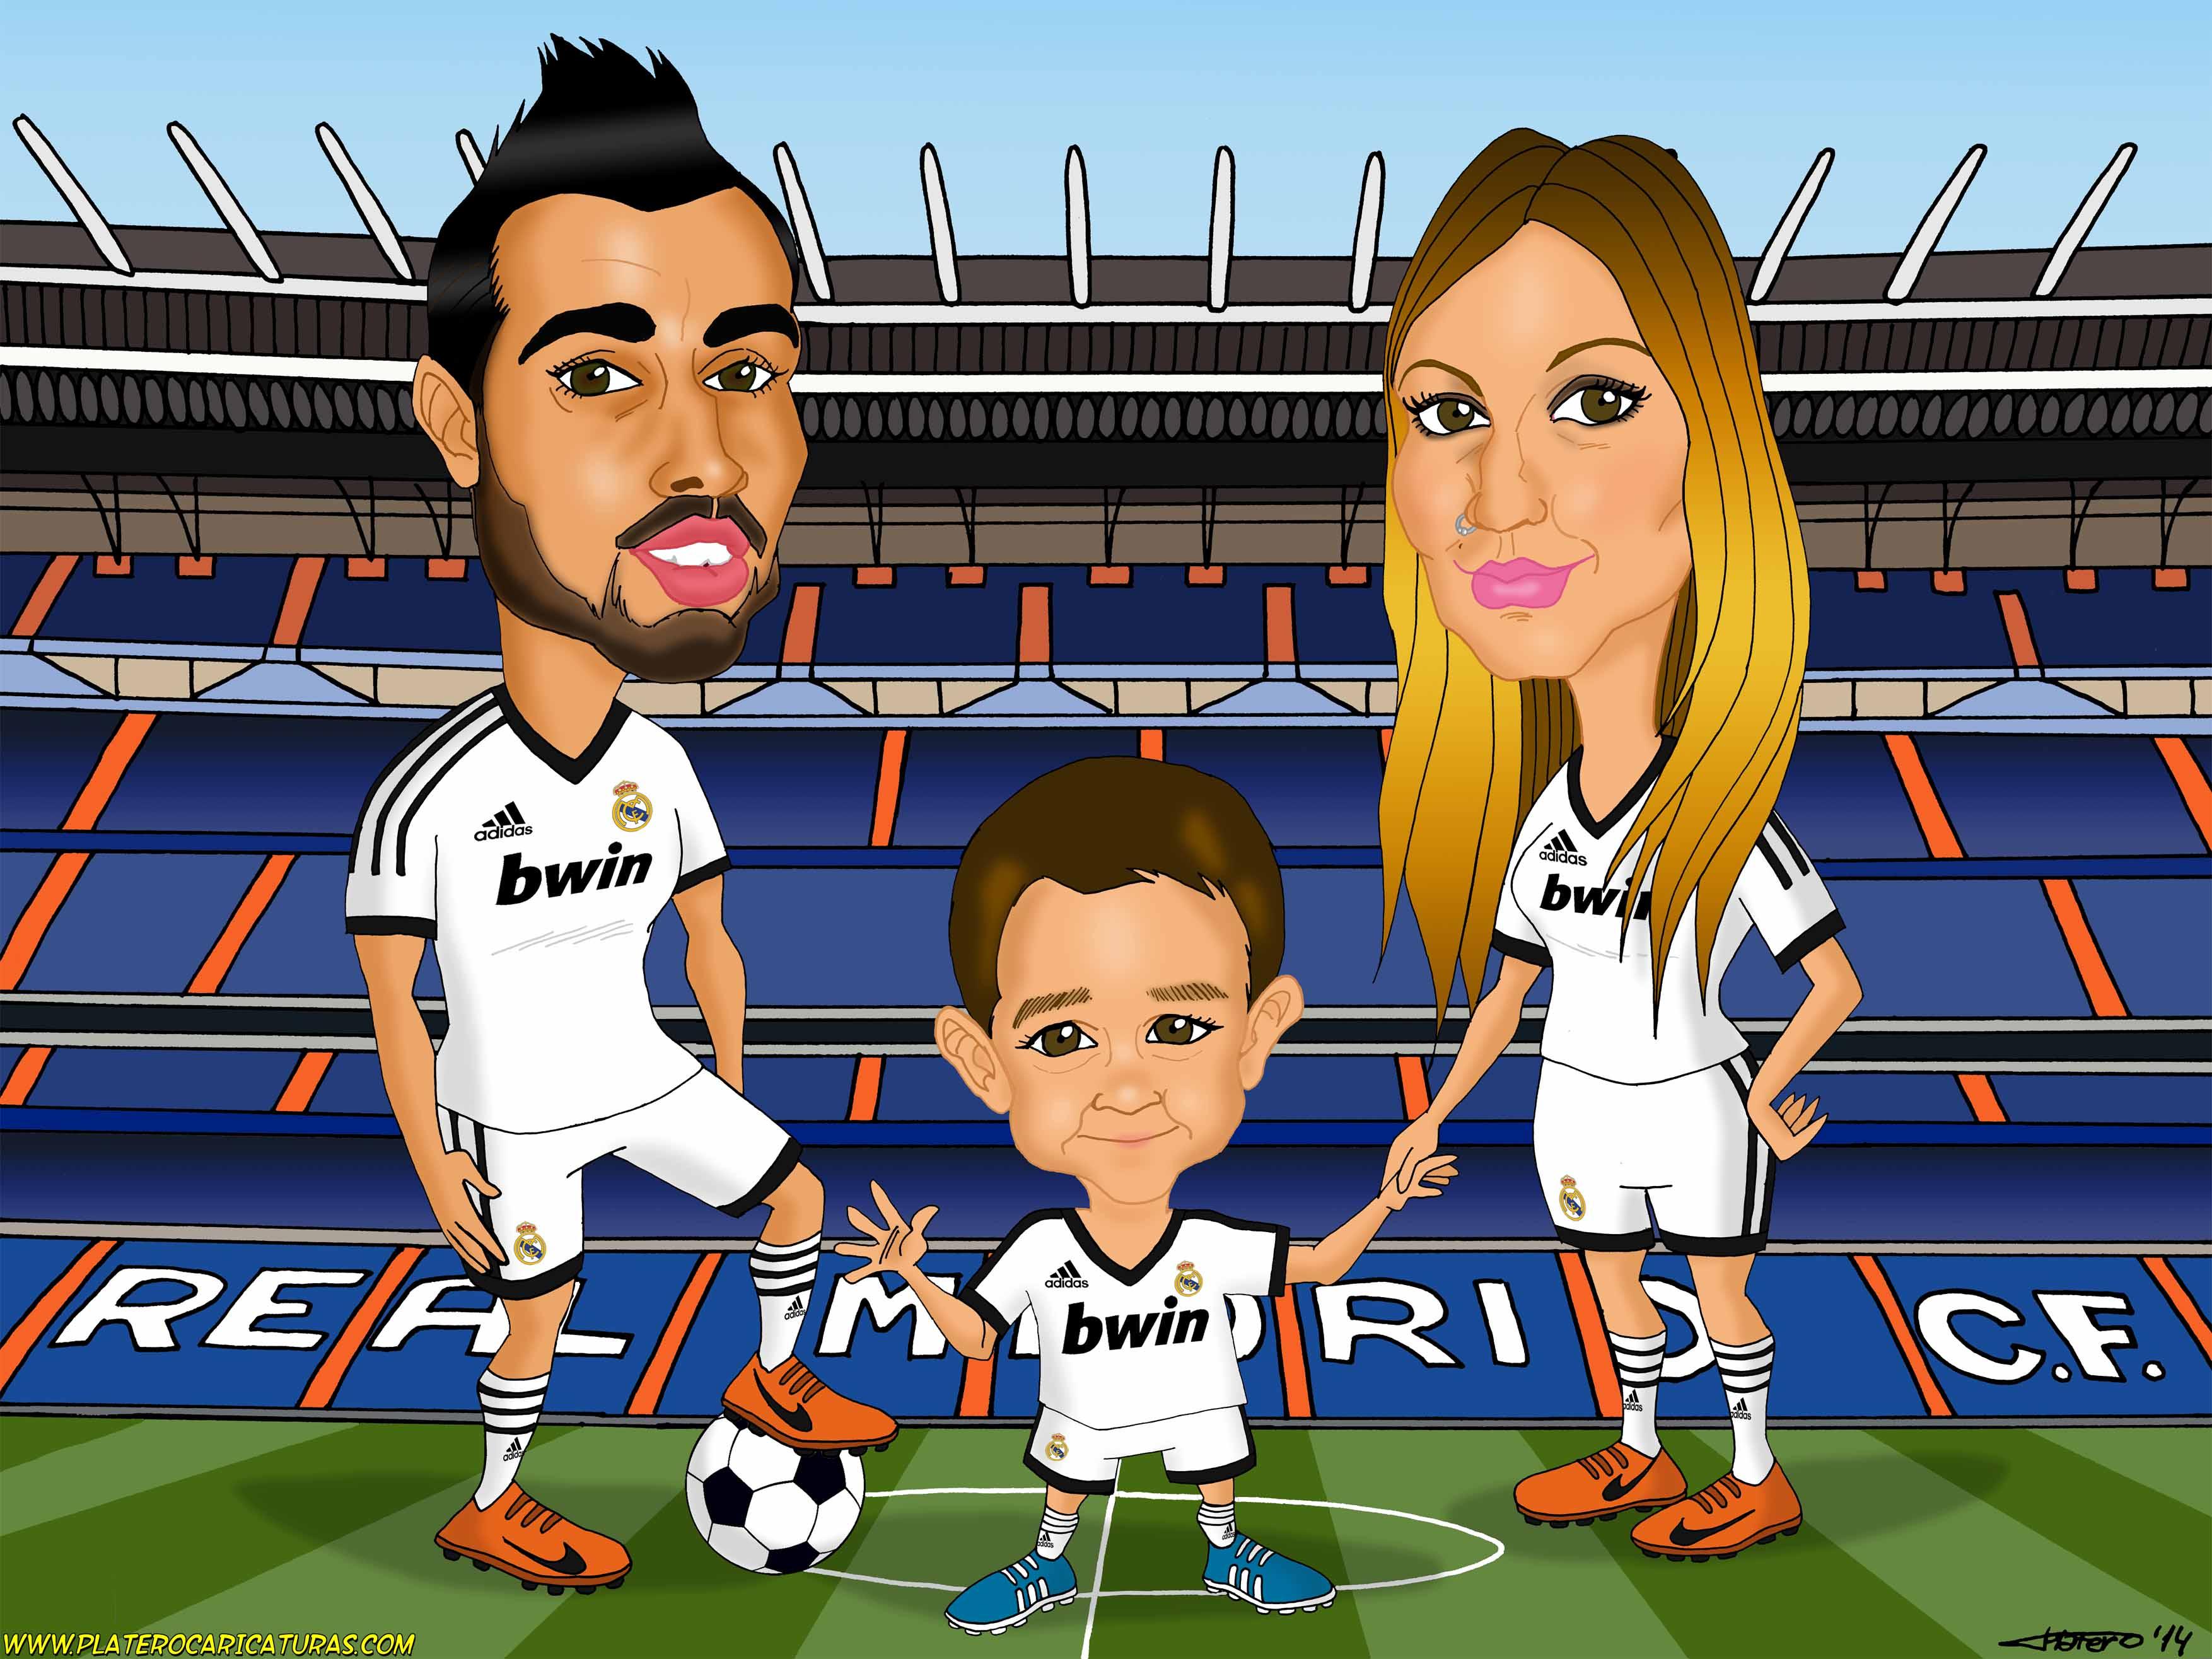 caricaturas a color por encargo personalizadas_futbolistas real madrid_plateroca